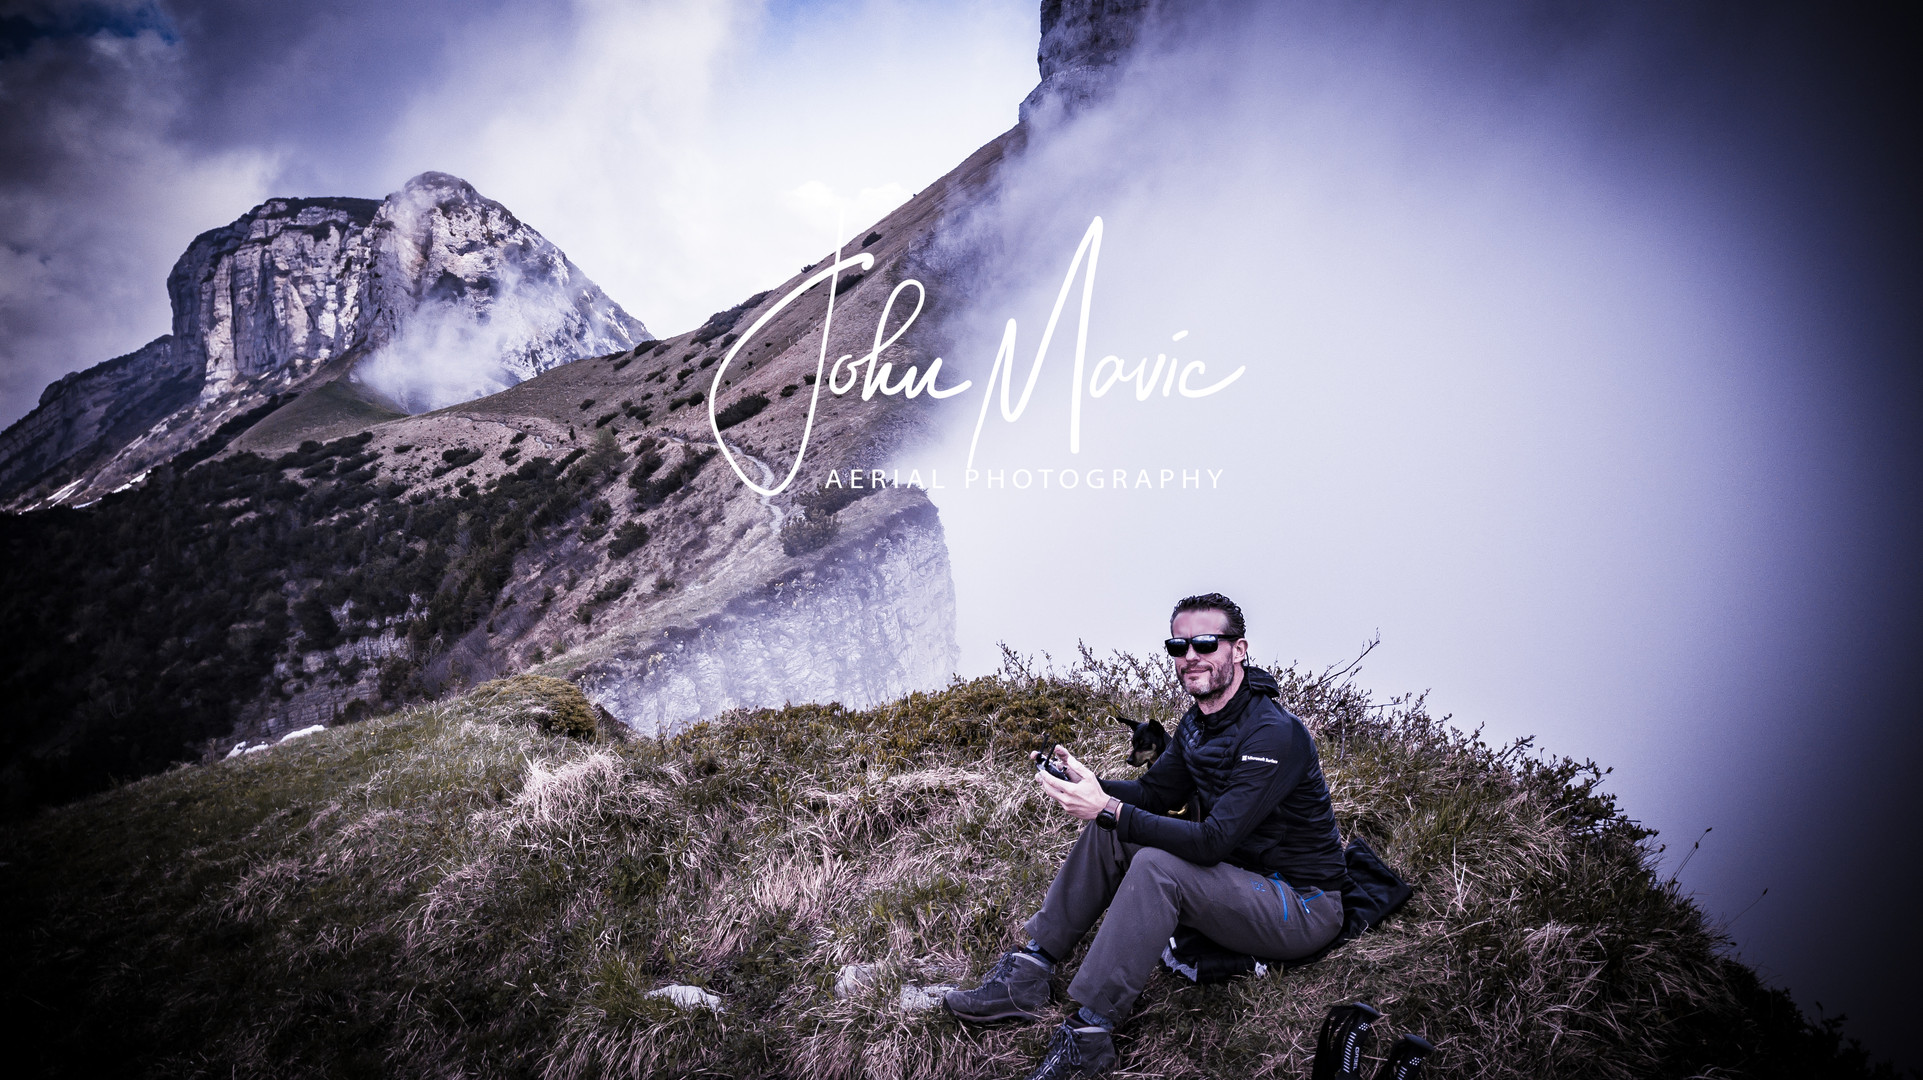 John Mavic